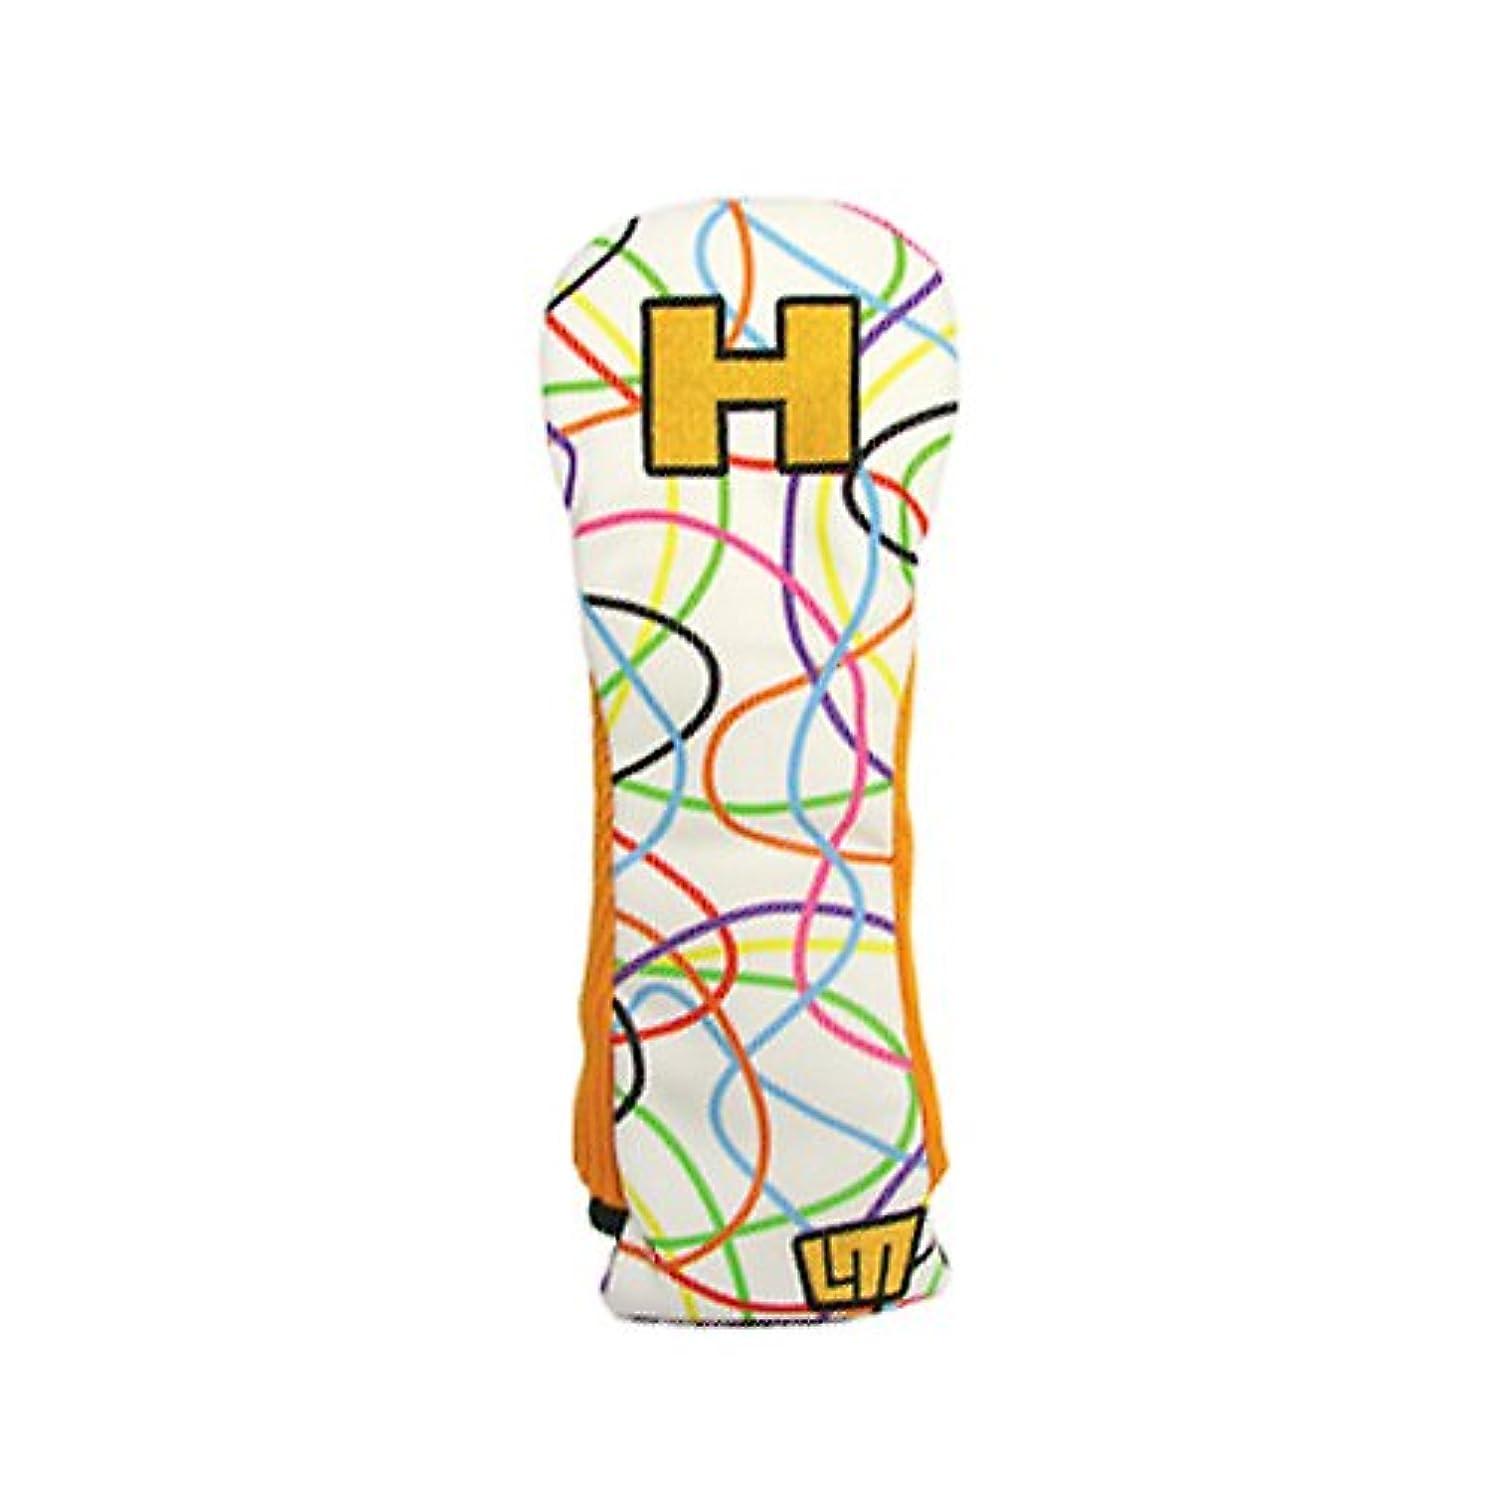 暗記する記念碑的な針ホクシン交易 HTC ラウドマウス レトロスタイル スクリブルズ ホワイト ヘッドカバー ユーティリティ用  WHC483